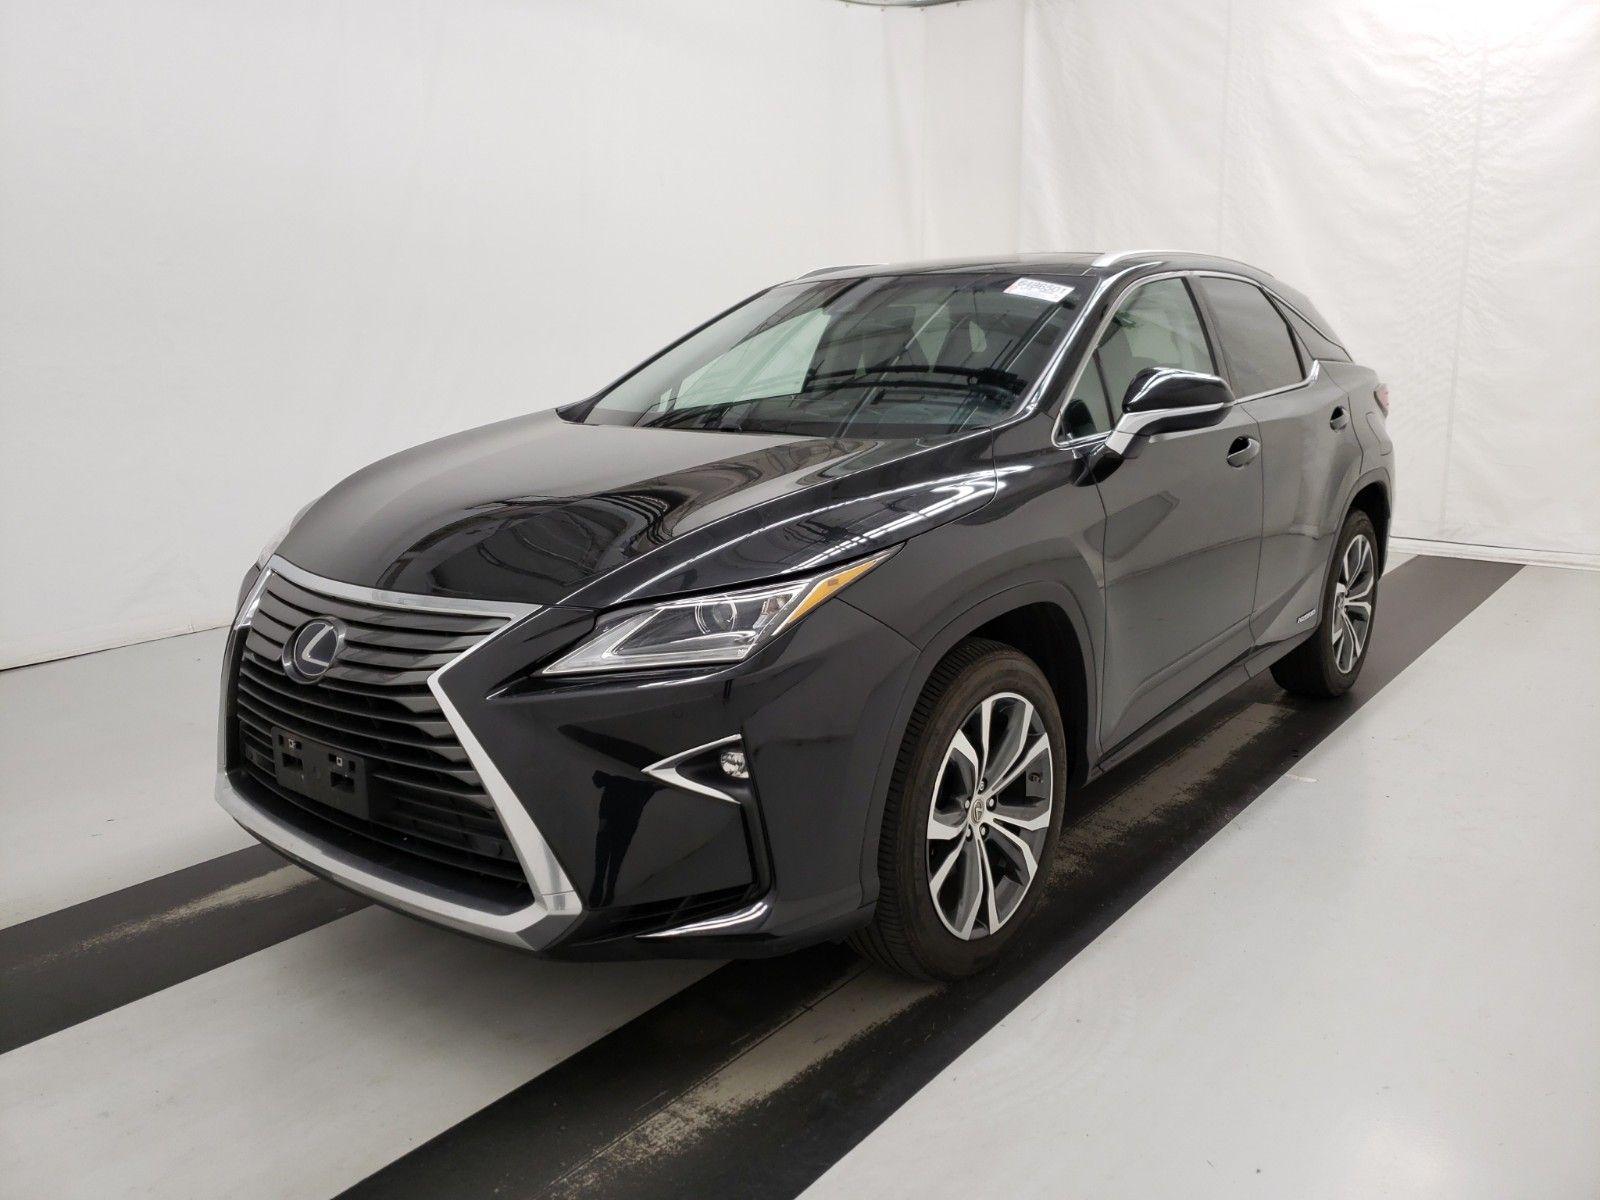 2017 Lexus Rx 3.5. Lot 99921060693 Vin 2T2BGMCA0HC014316